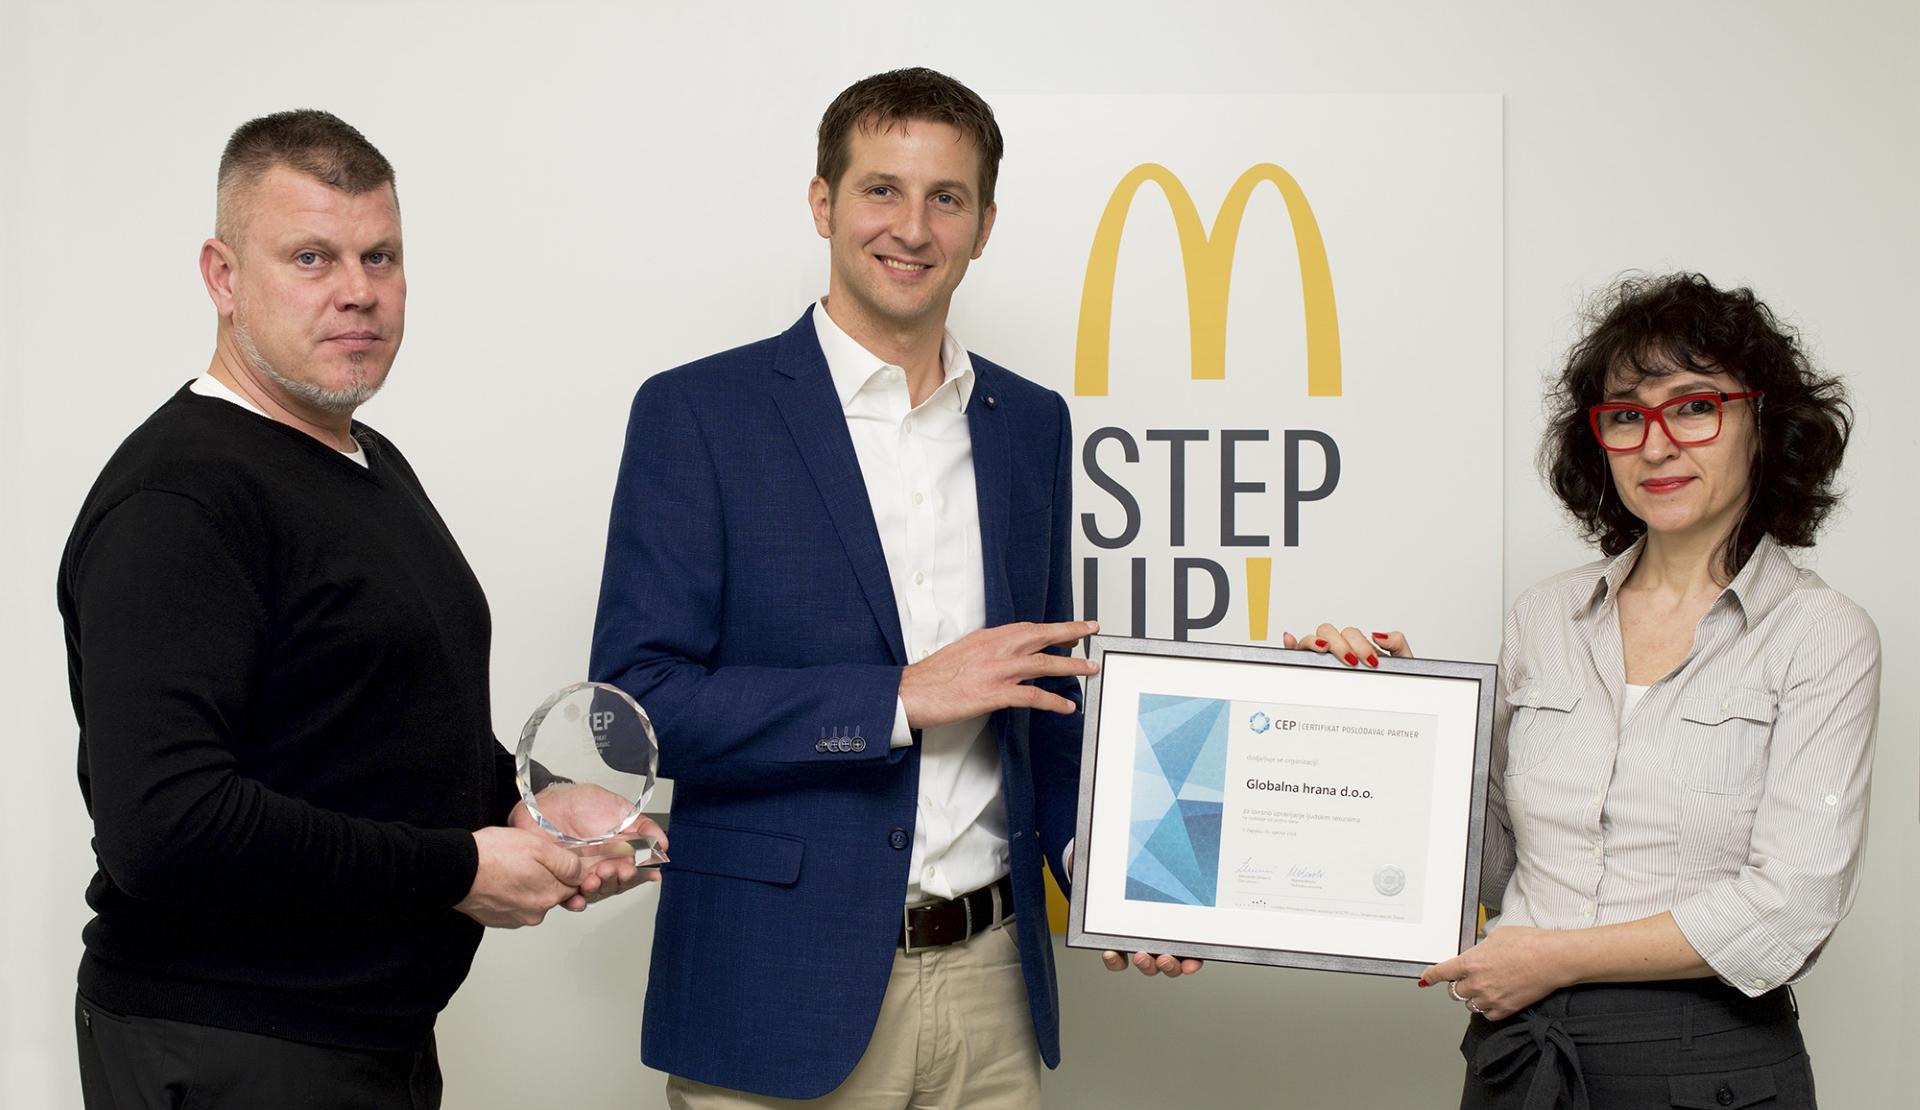 McDonald's ponosan na interno dijeljenje znanja i treninge zaposlenika